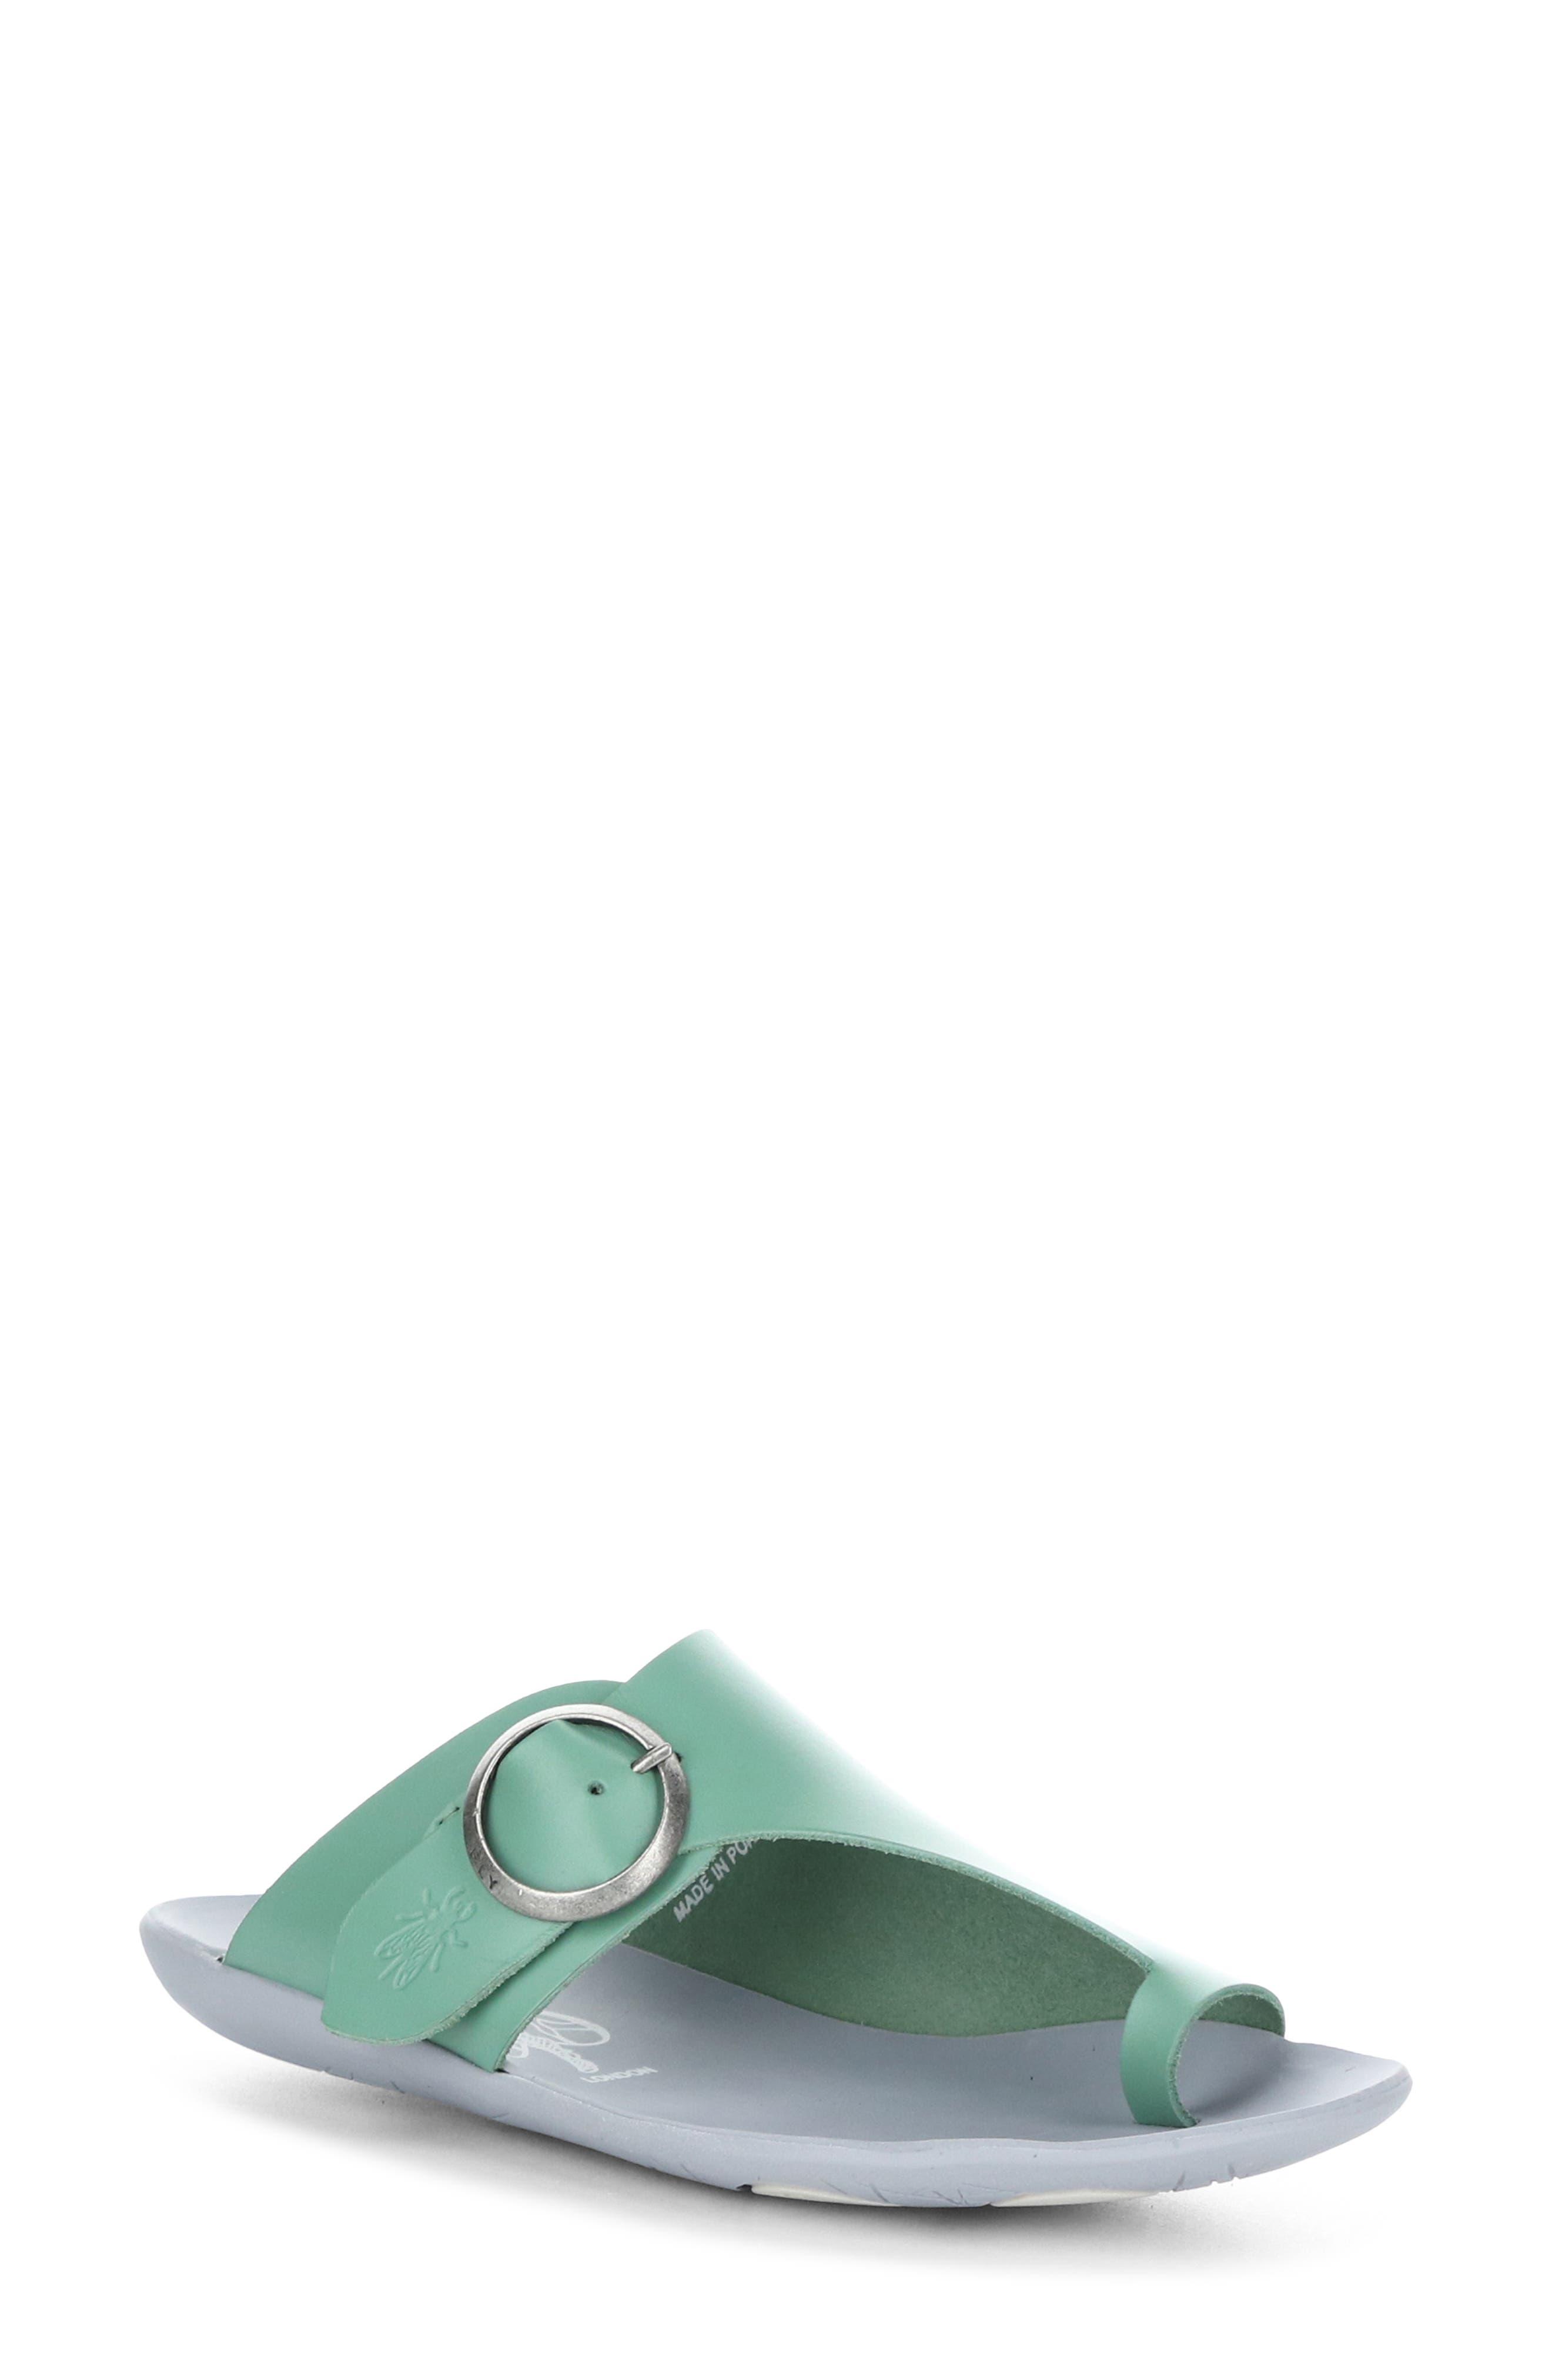 Mica Slide Sandal